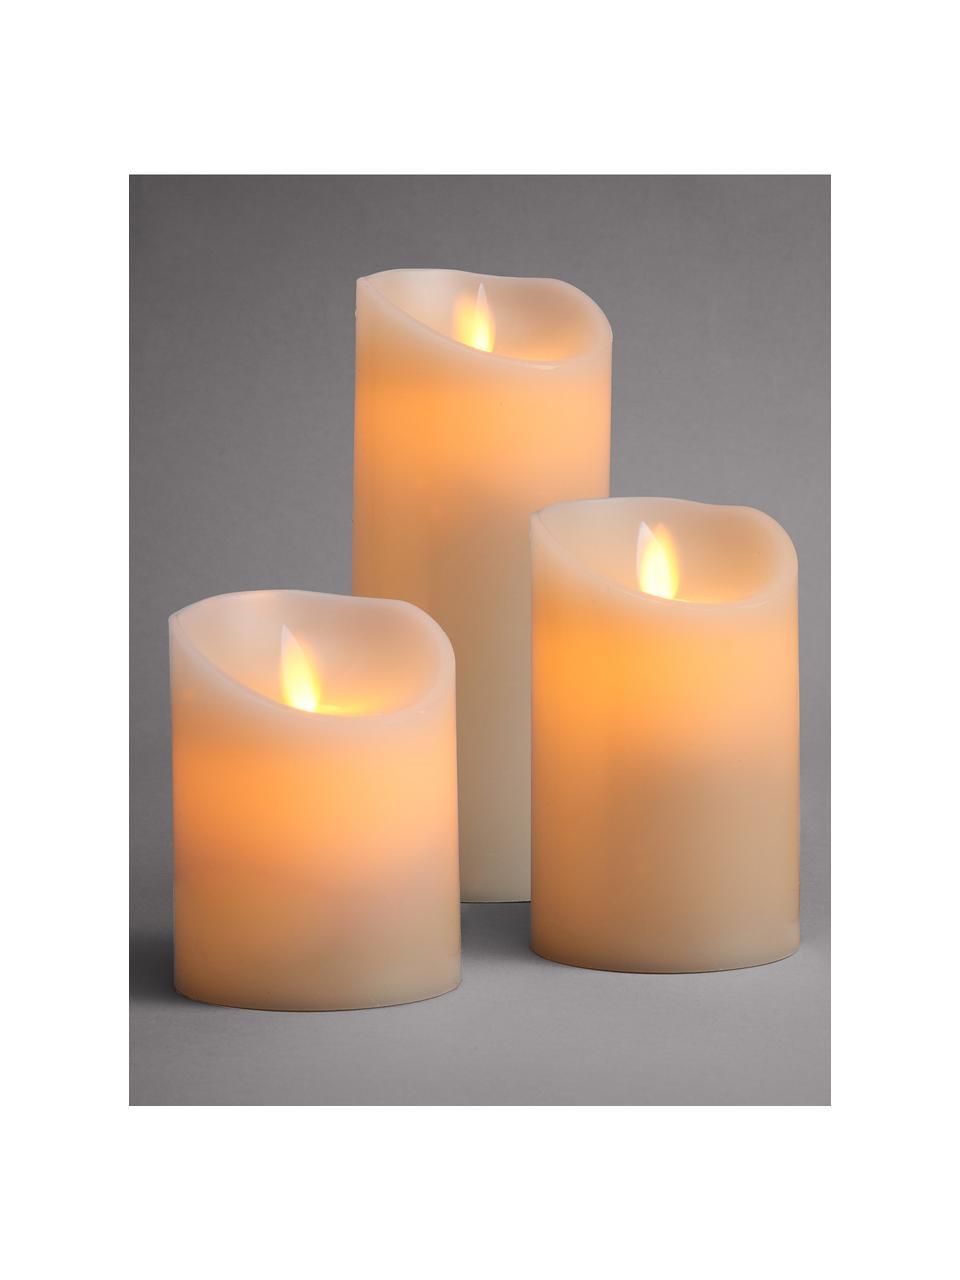 LED-kaarsen Glowing Flame, 3-delig, Roségoudkleurig, Crèmekleurig, Set met verschillende formaten